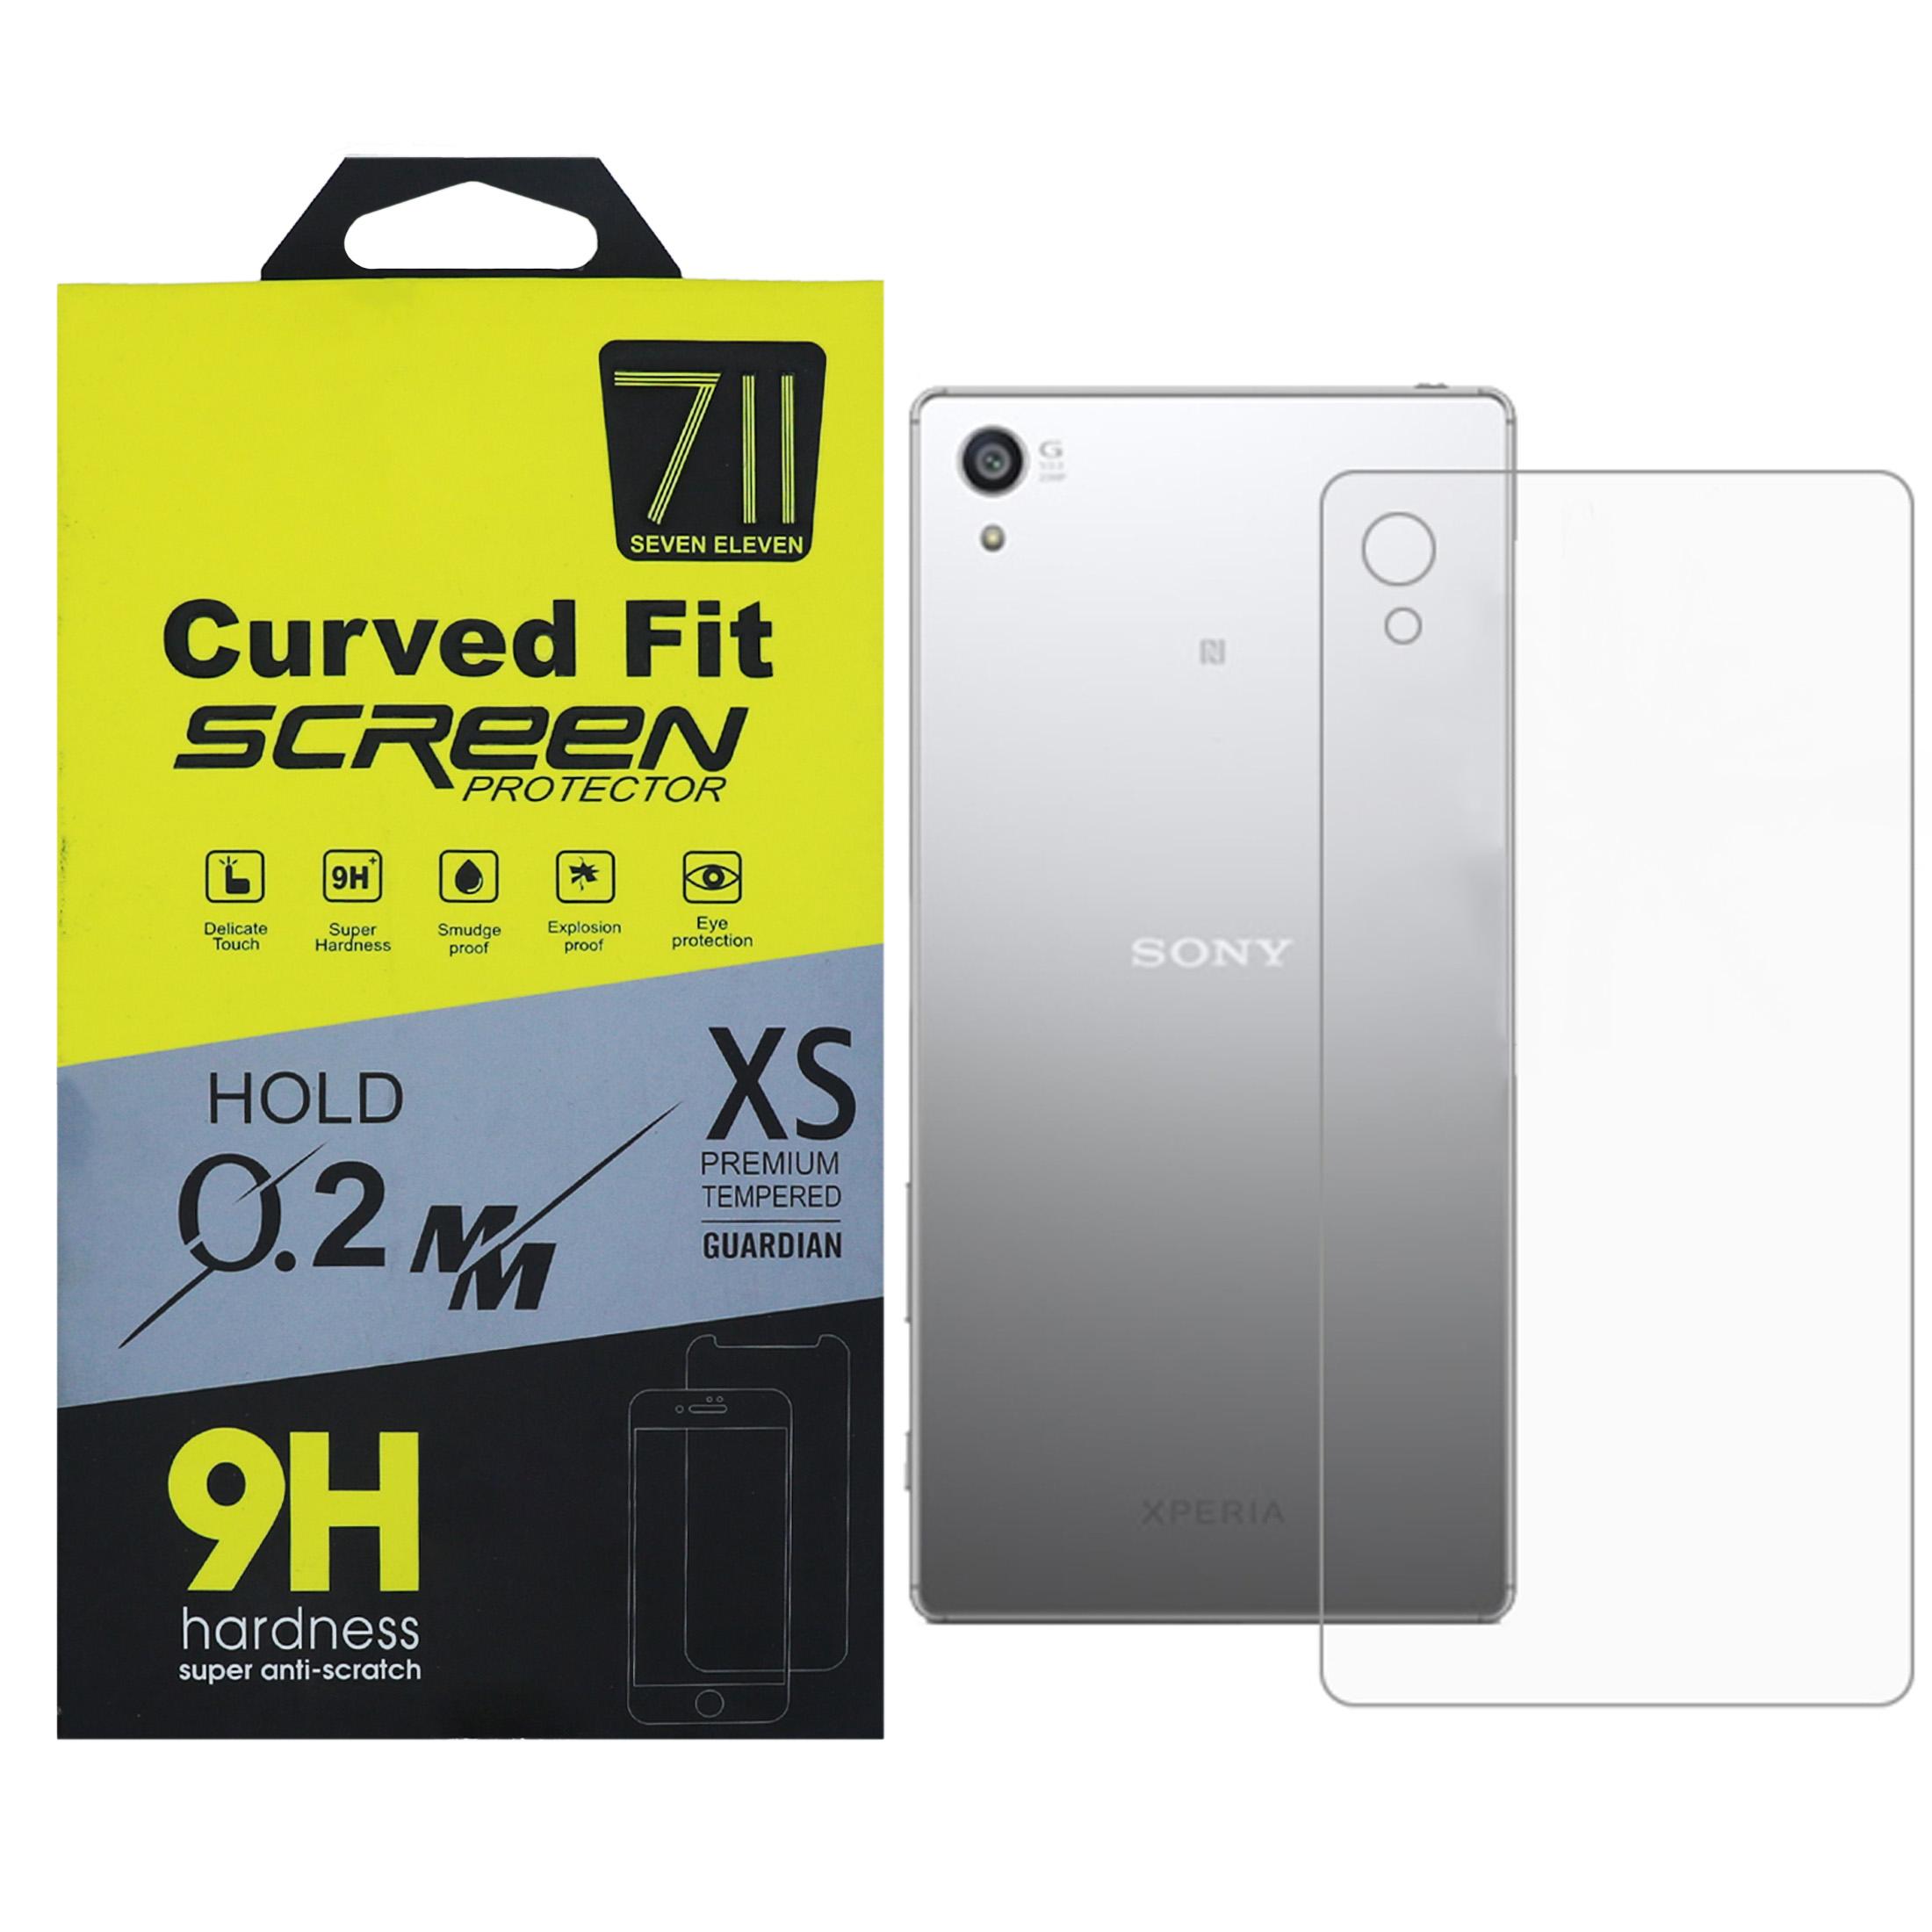 محافظ پشت گوشی سون الون مدل Tmp مناسب برای گوشی موبایل سونی Xperia Z3